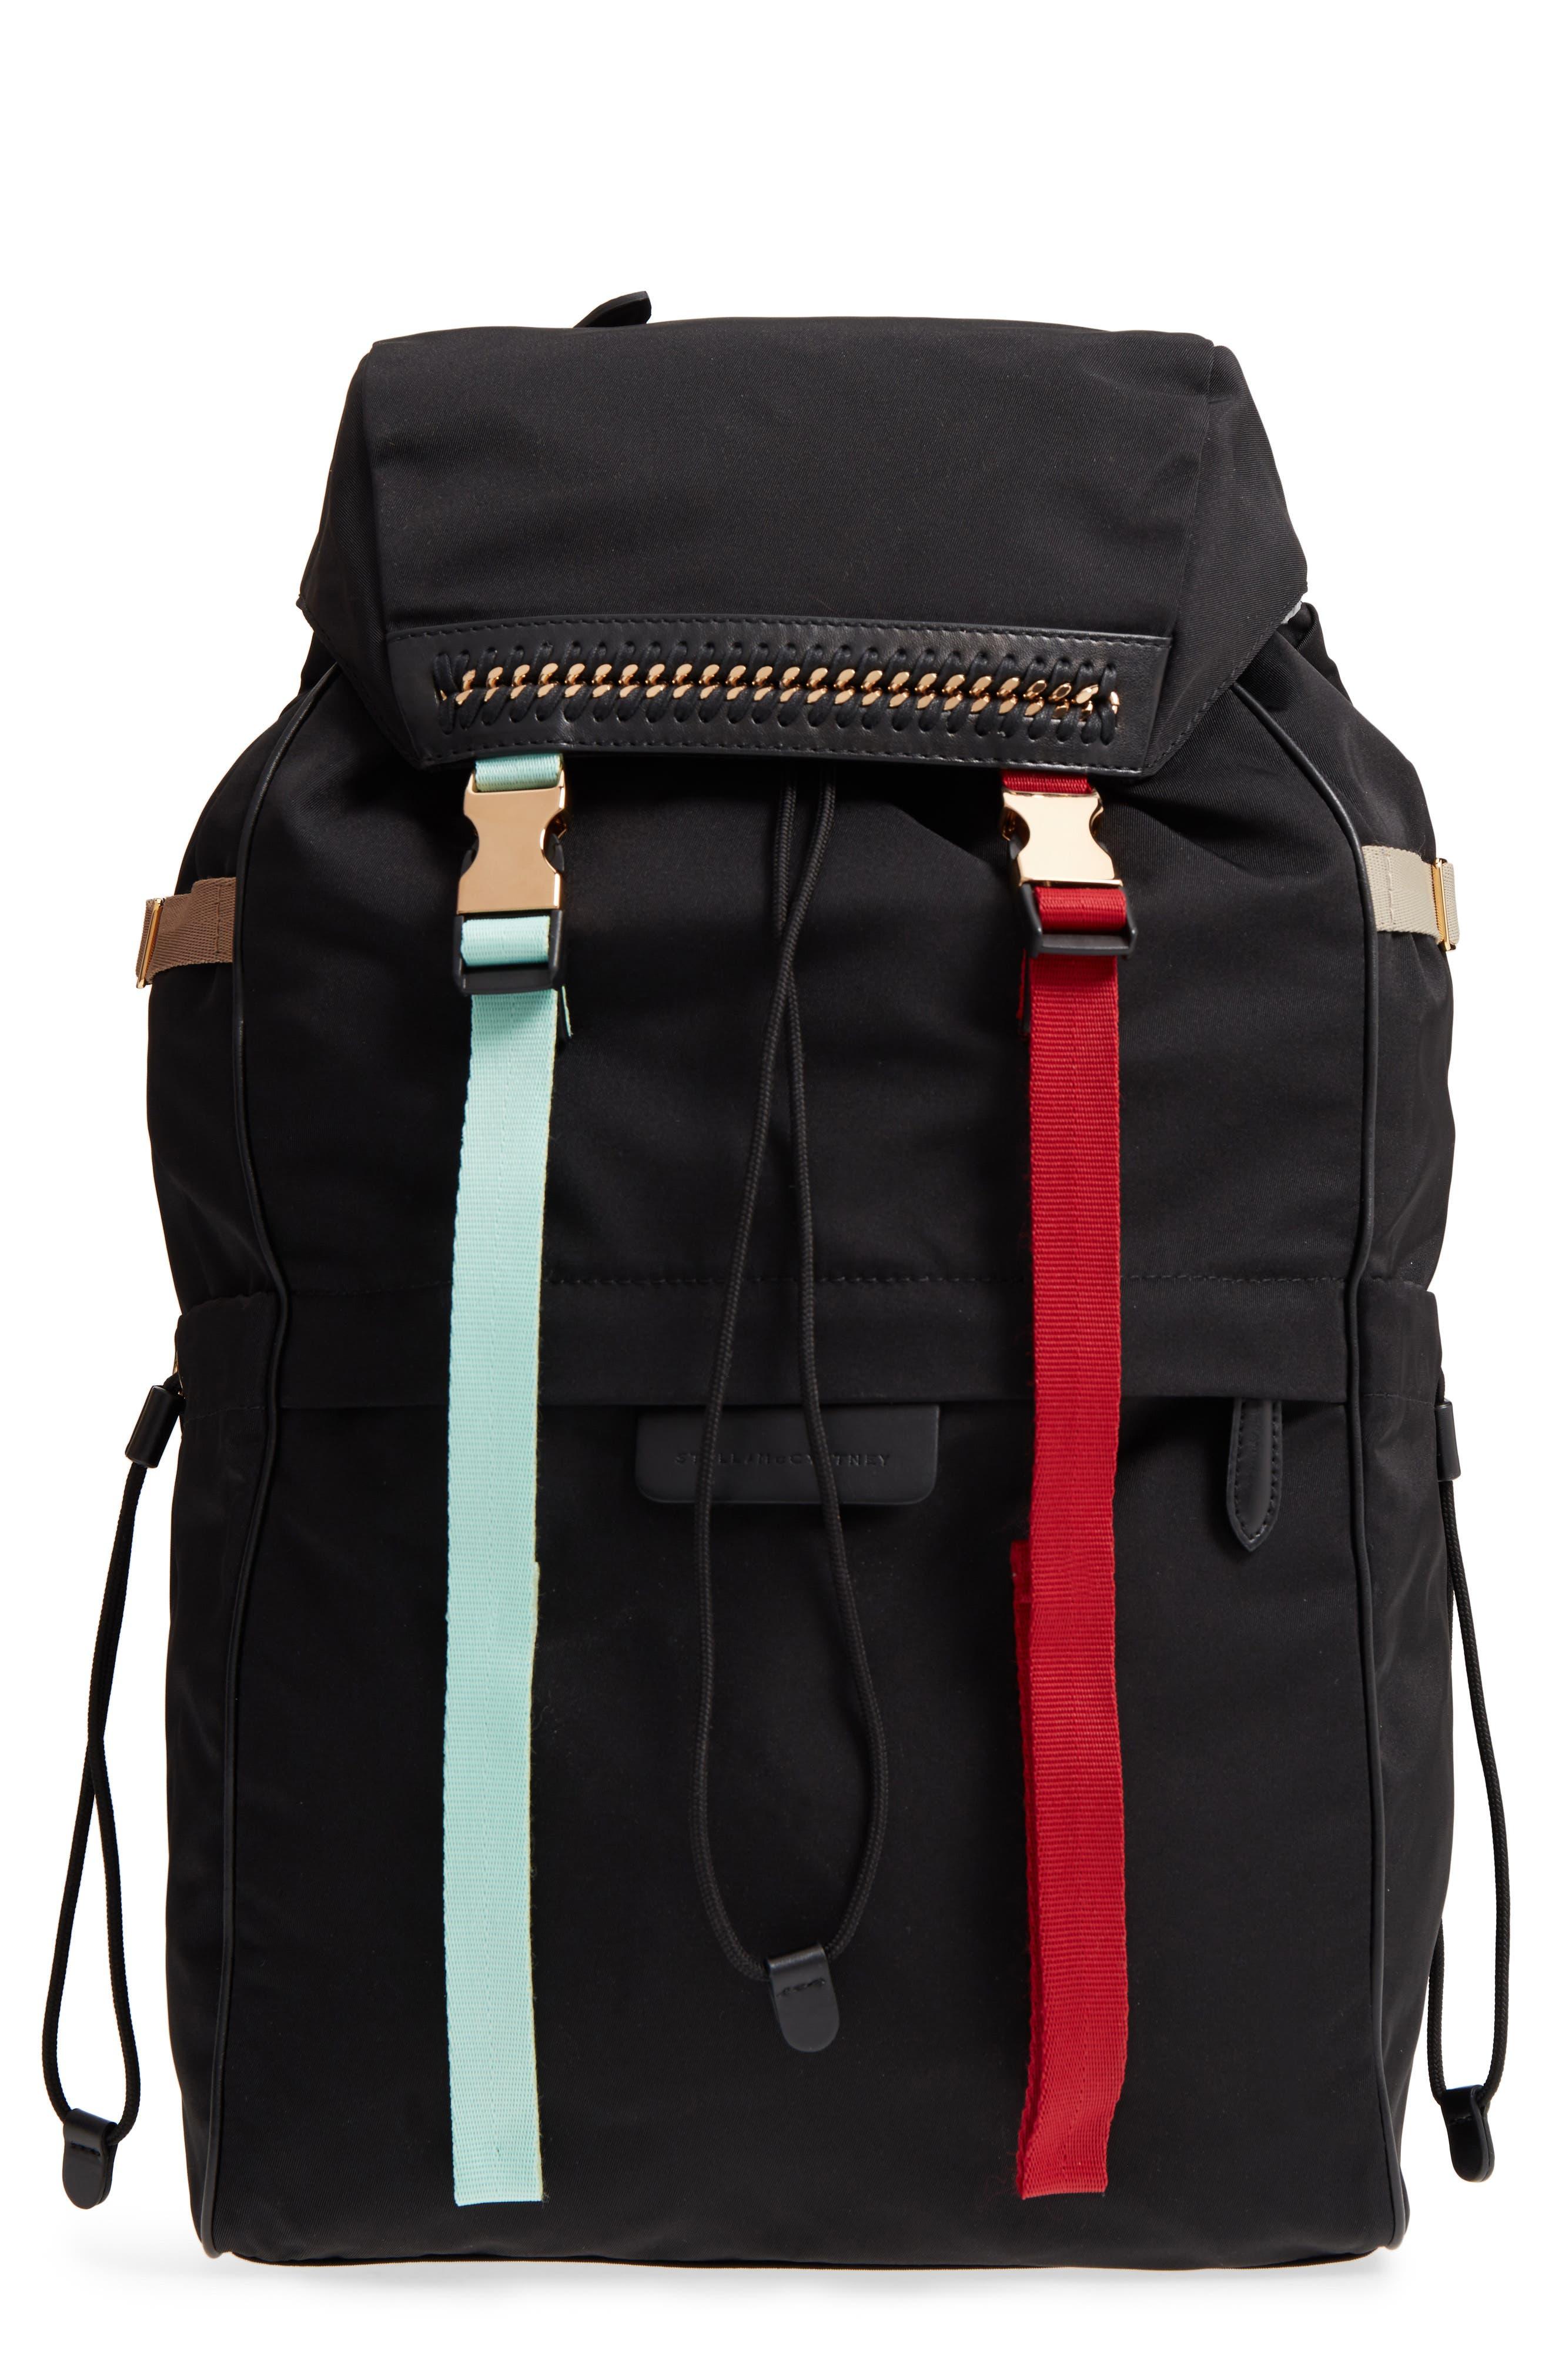 Stella McCartney Large Eco Nylon Backpack